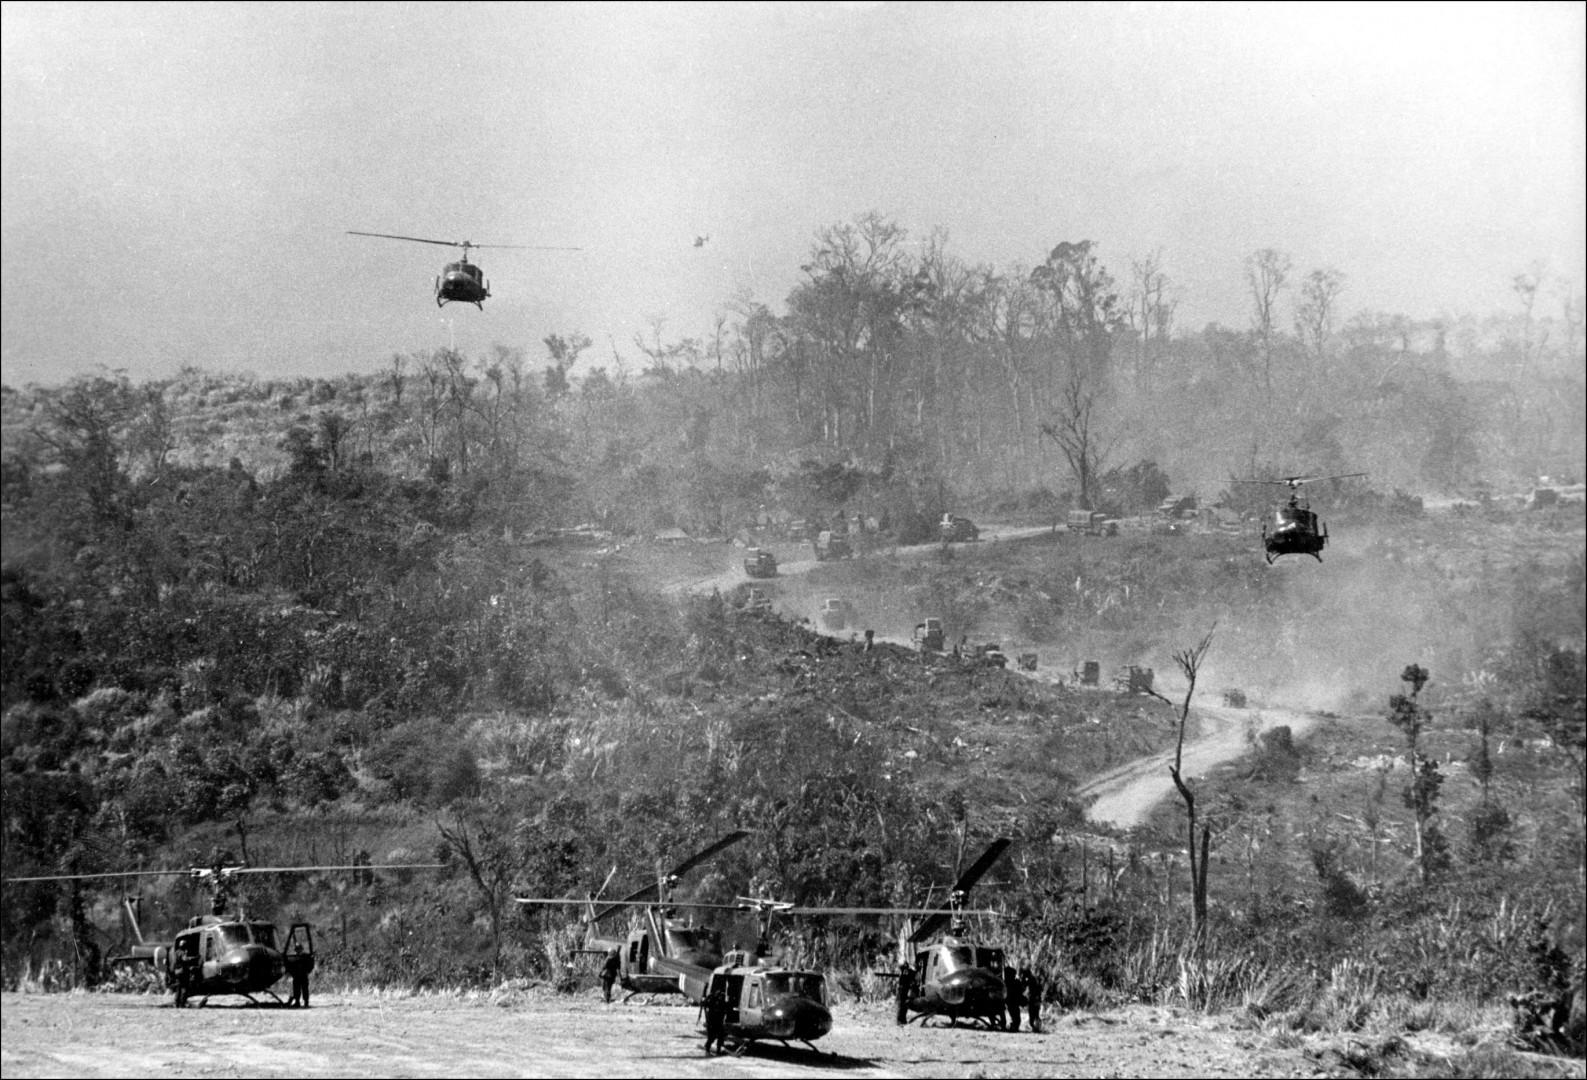 Chiến công của người tình báo Việt Nam trên đất Lào năm 1971